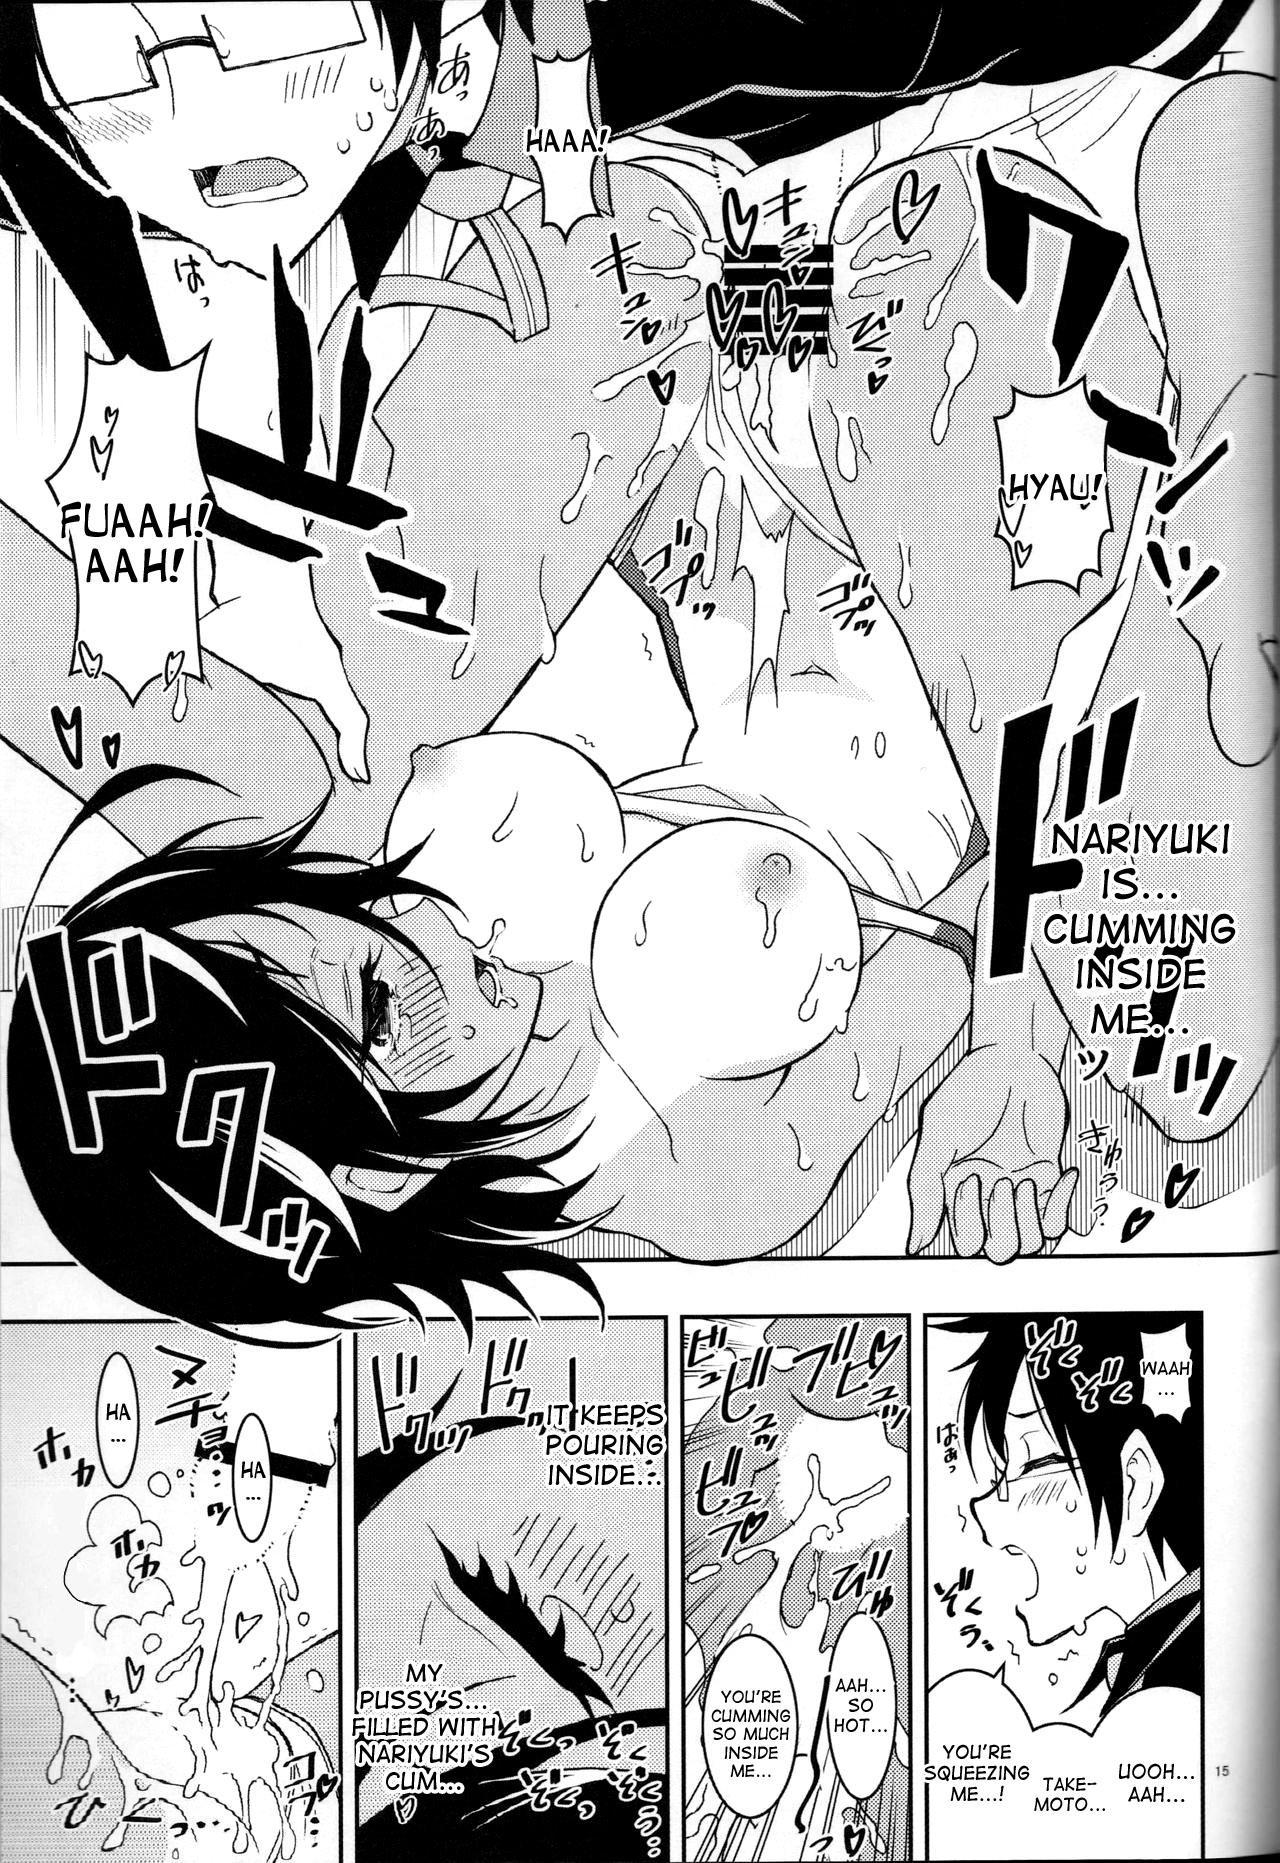 BOKUTACHIHA URUKAGA KAWAII 13